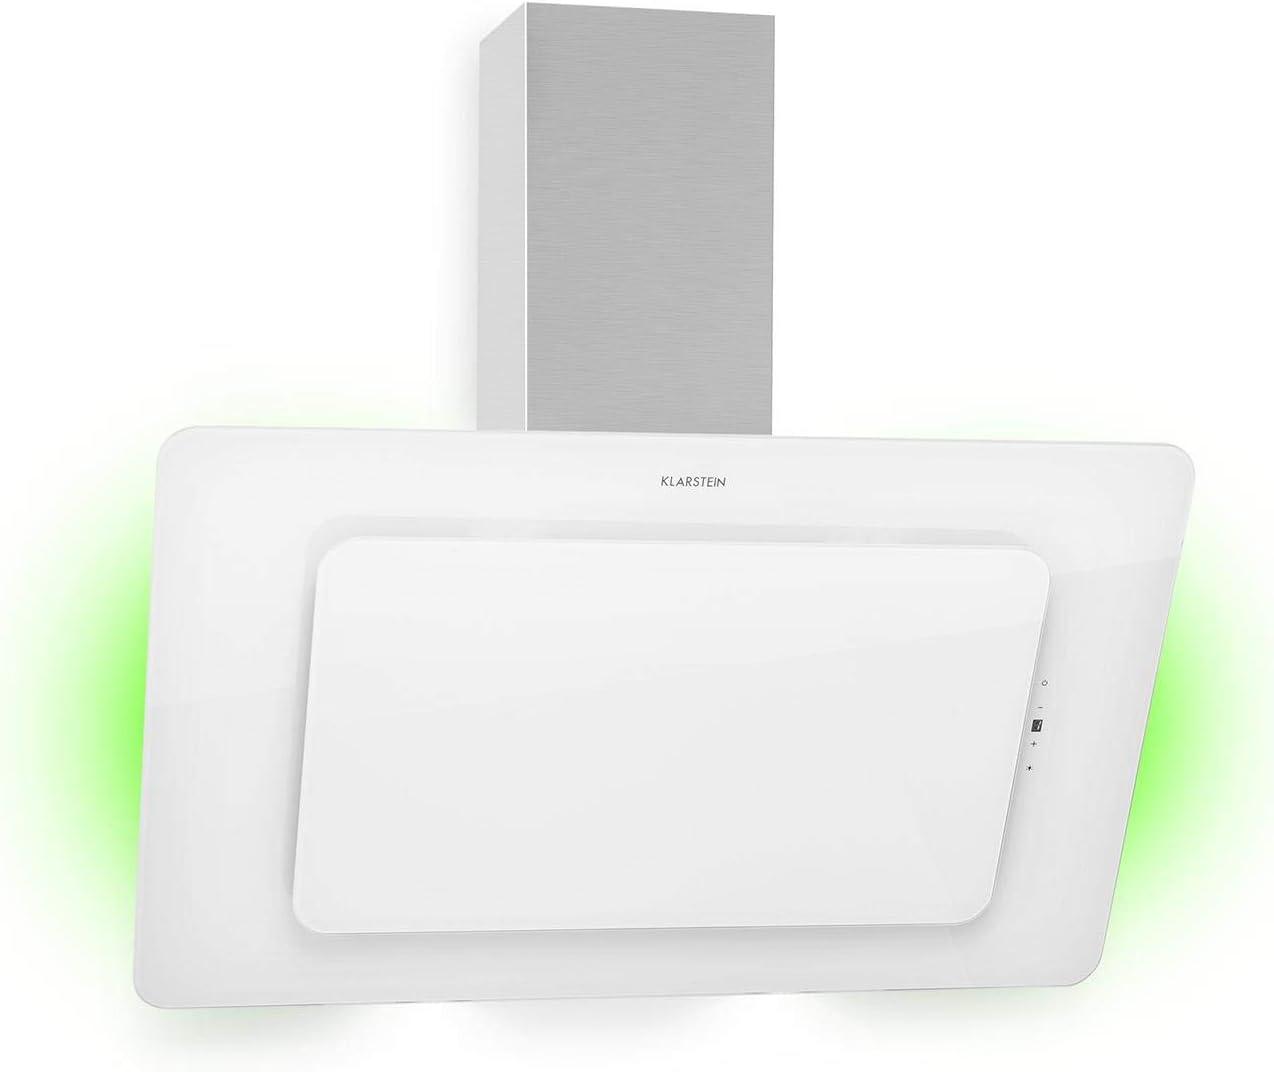 Klarstein Helena 90 Campana extractora- de pared, 90 cm de ancho, 3 intensidades, 595 m³/h, Iluminación conmutable, Iluminación de ambiente opcional, 9 colores, Eficiencia energética clase A, Blanco